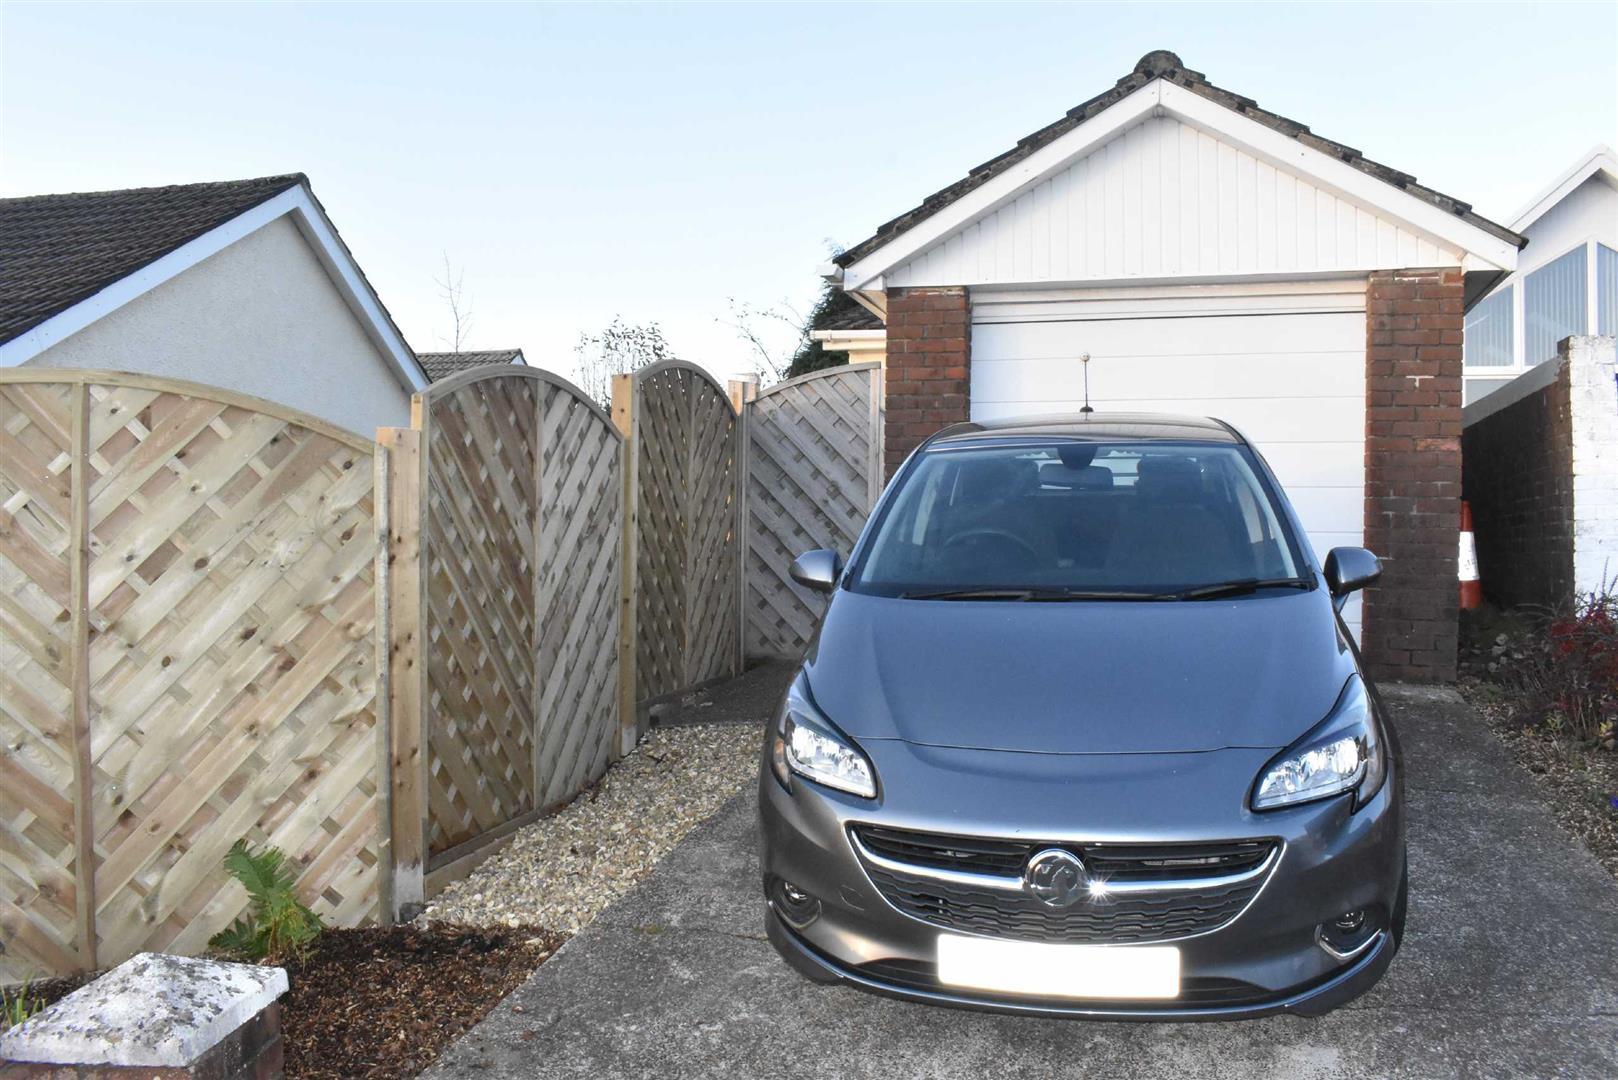 Hendrefoilan Drive, Sketty, Swansea, SA2 7NG